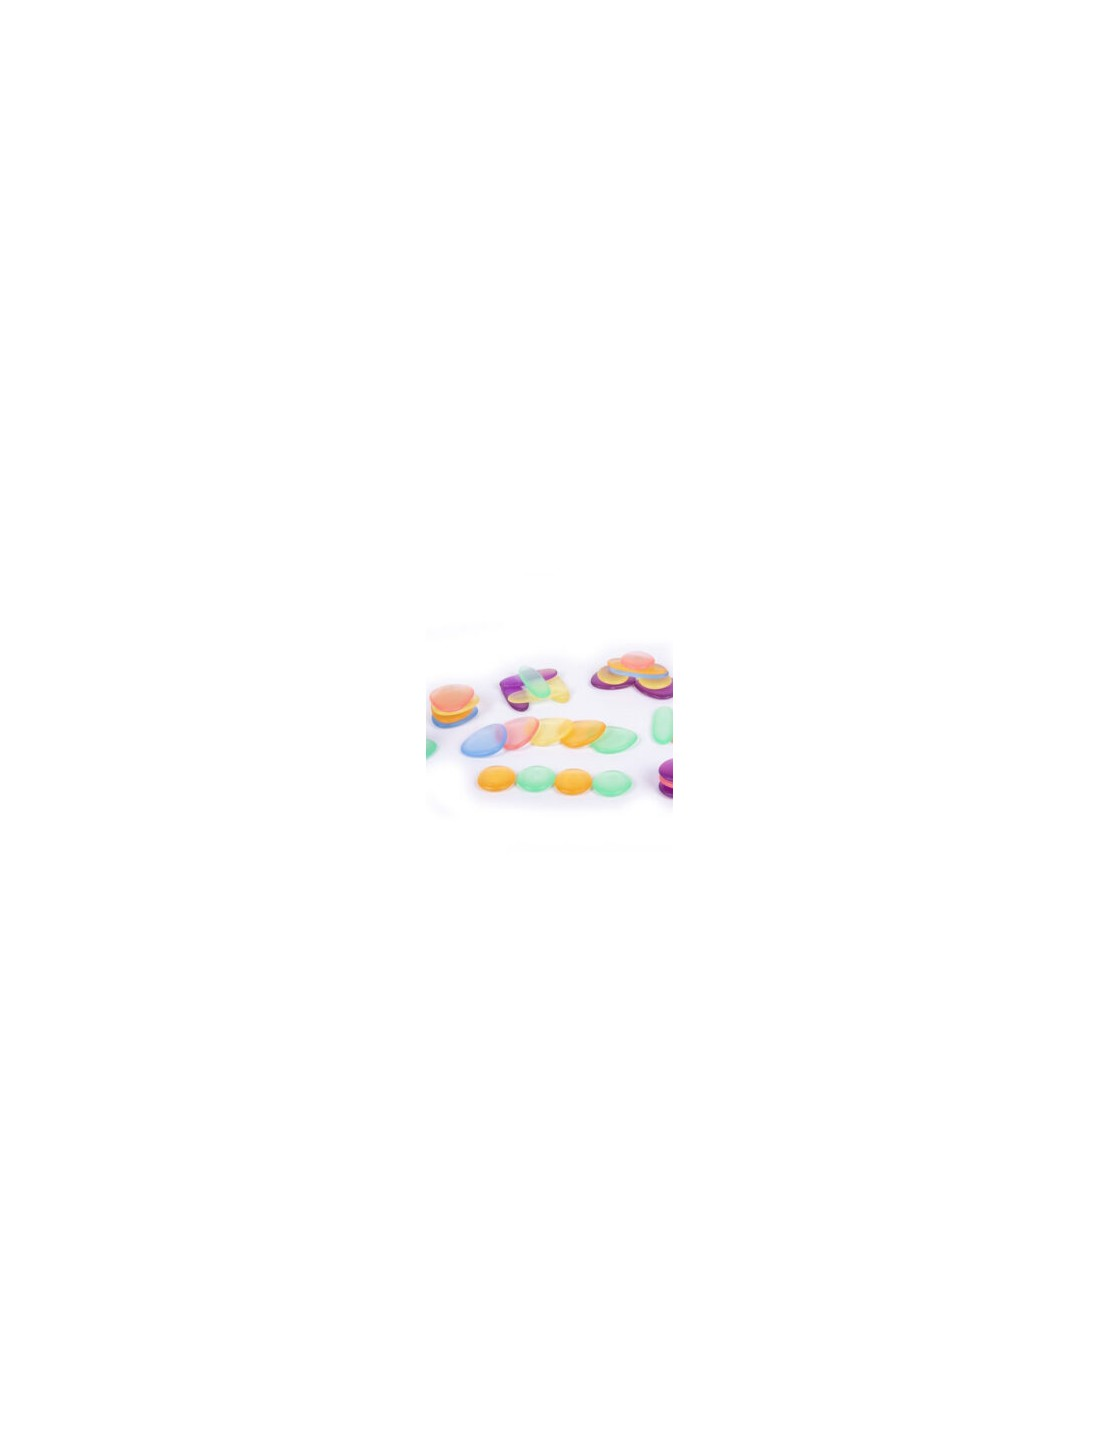 Piedras arco iris traslúcidas. TickiT